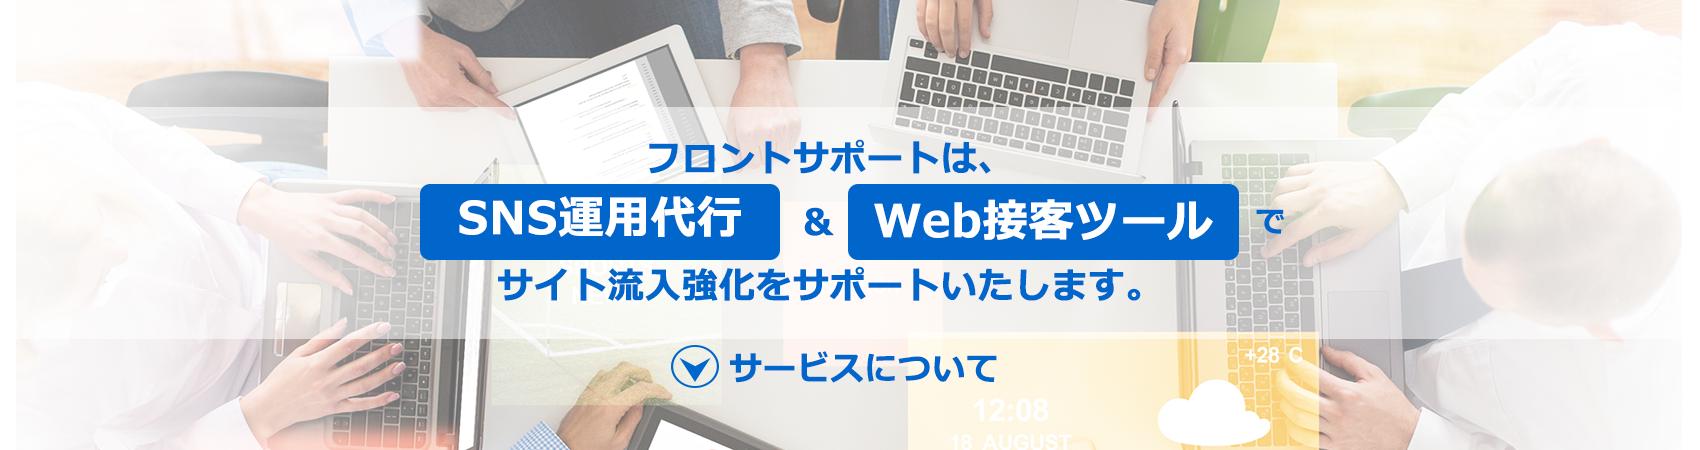 adishのフロントサポートは、SNS運用とWeb接客で流入強化をサポートいたします。